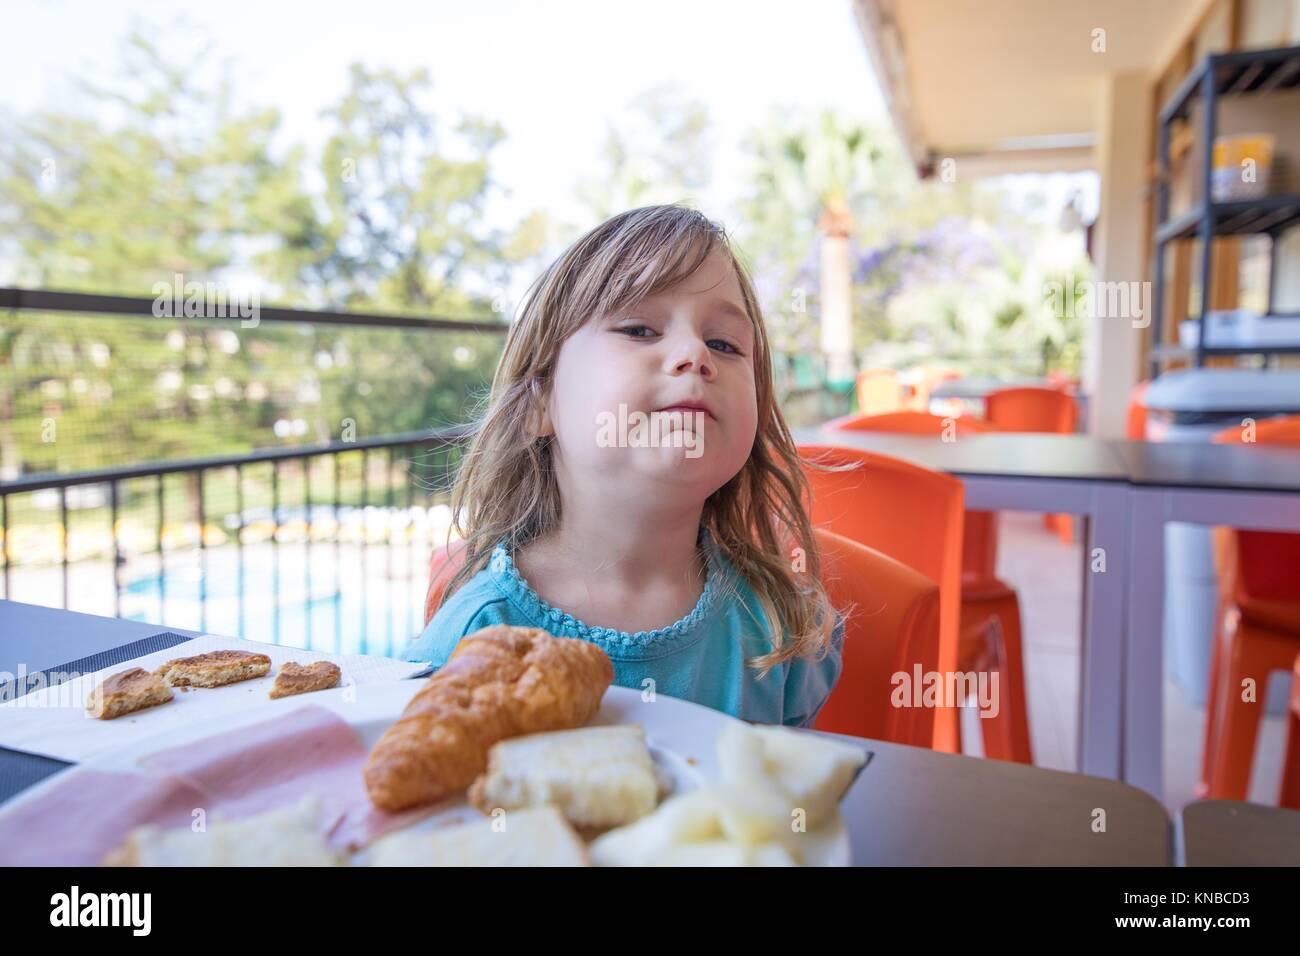 Portrait von Blond kaukasier Kind drei Jahre alt mit blauen Shirt, beim Frühstück, auf der Suche mit herausfordernden Stockbild